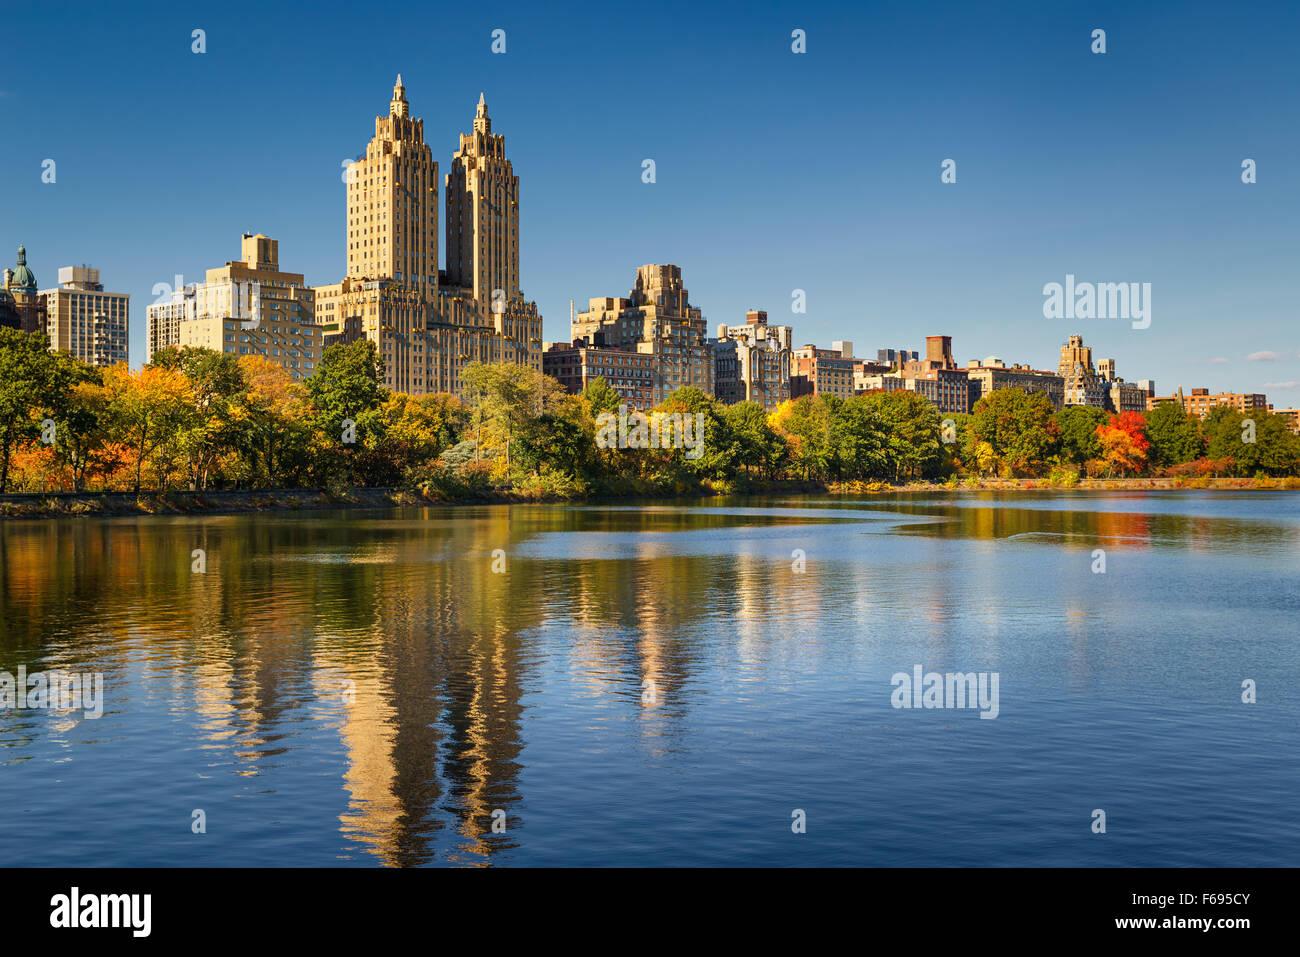 Central Park Jacqueline Kennedy Onassis Reservoir, feuillage d'automne et de l'Upper West Side dans la luminosité Photo Stock